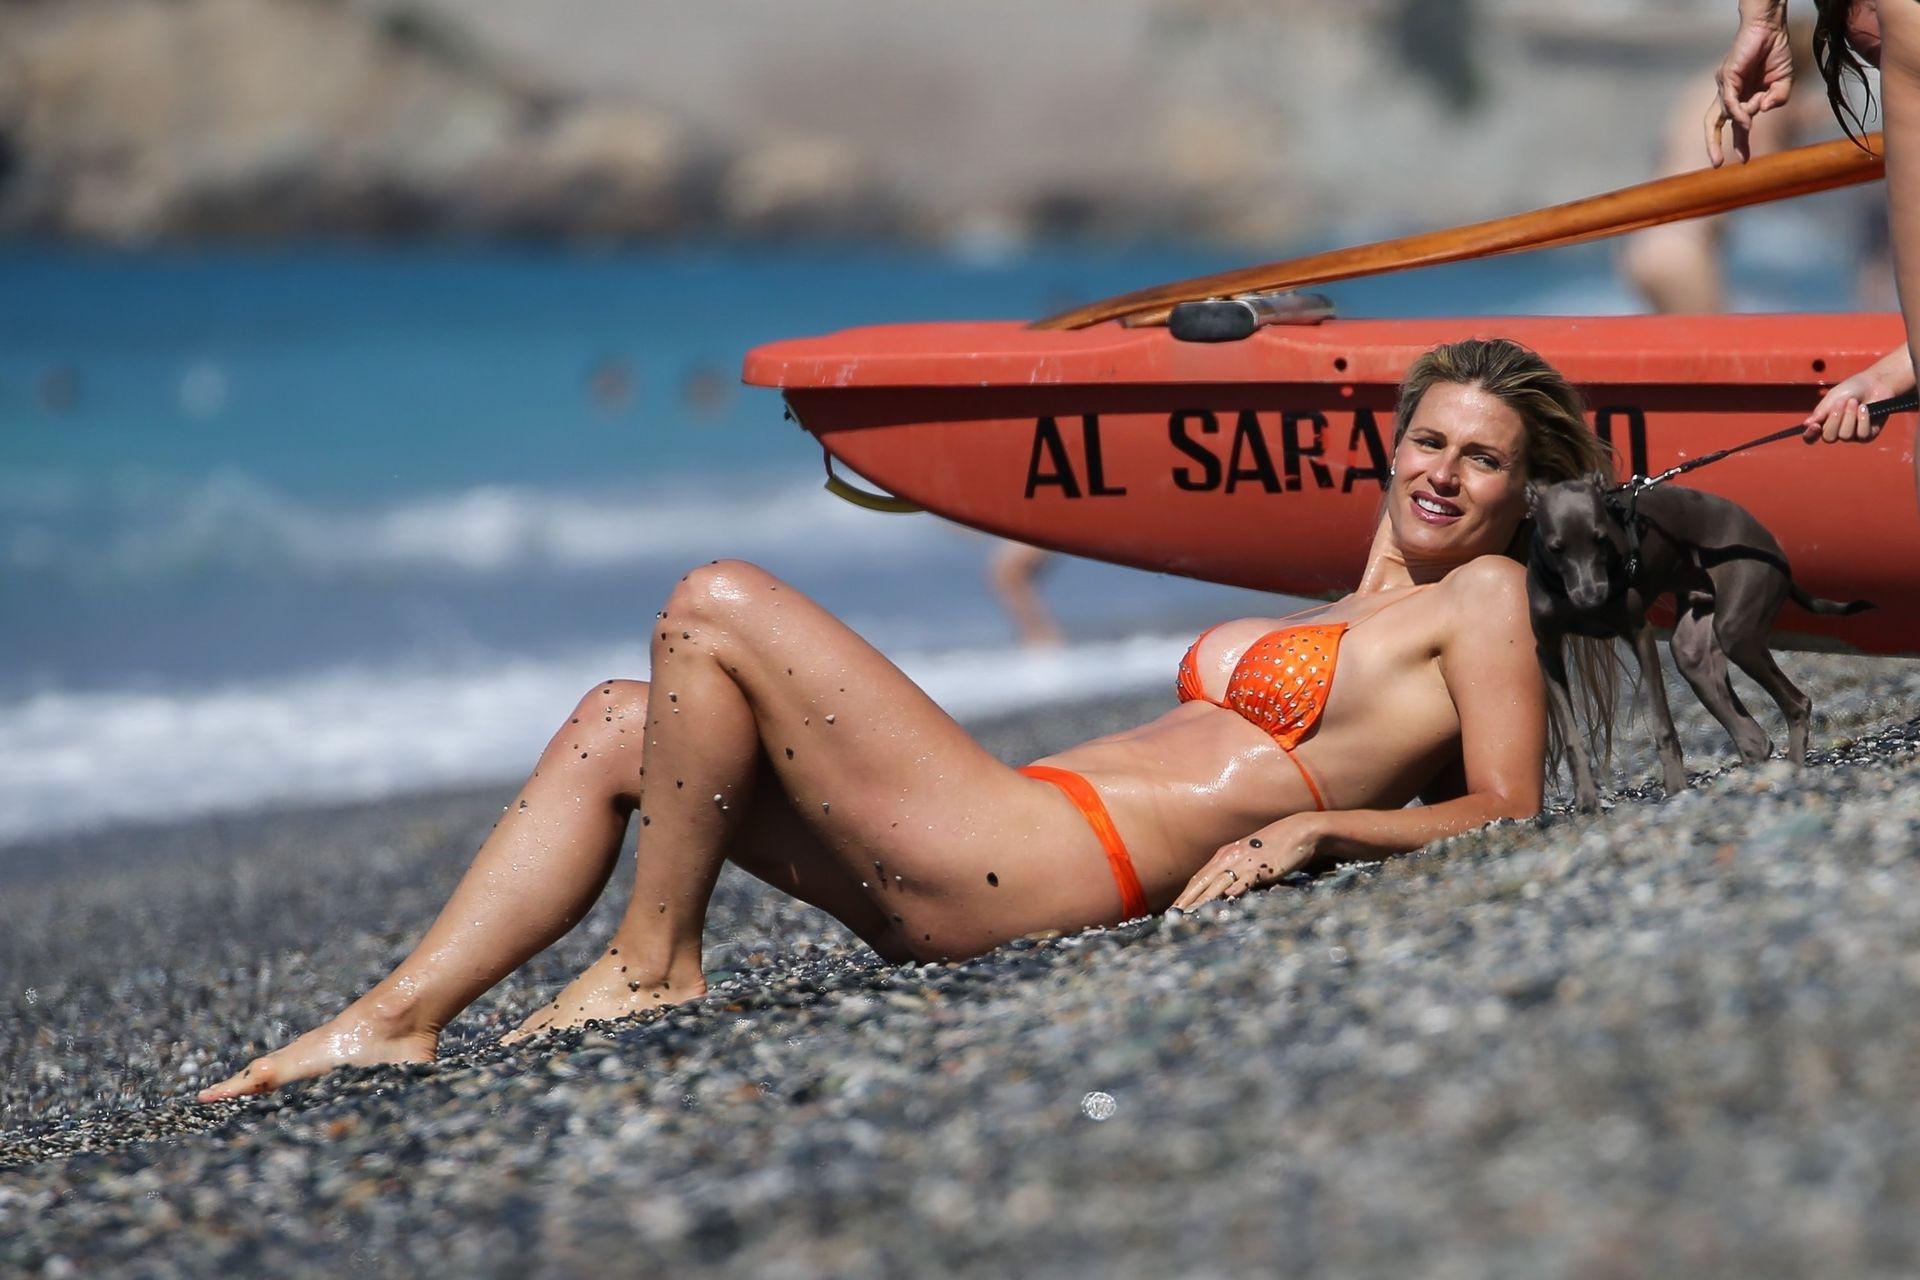 Michelle Hunziker Sexy Bikini